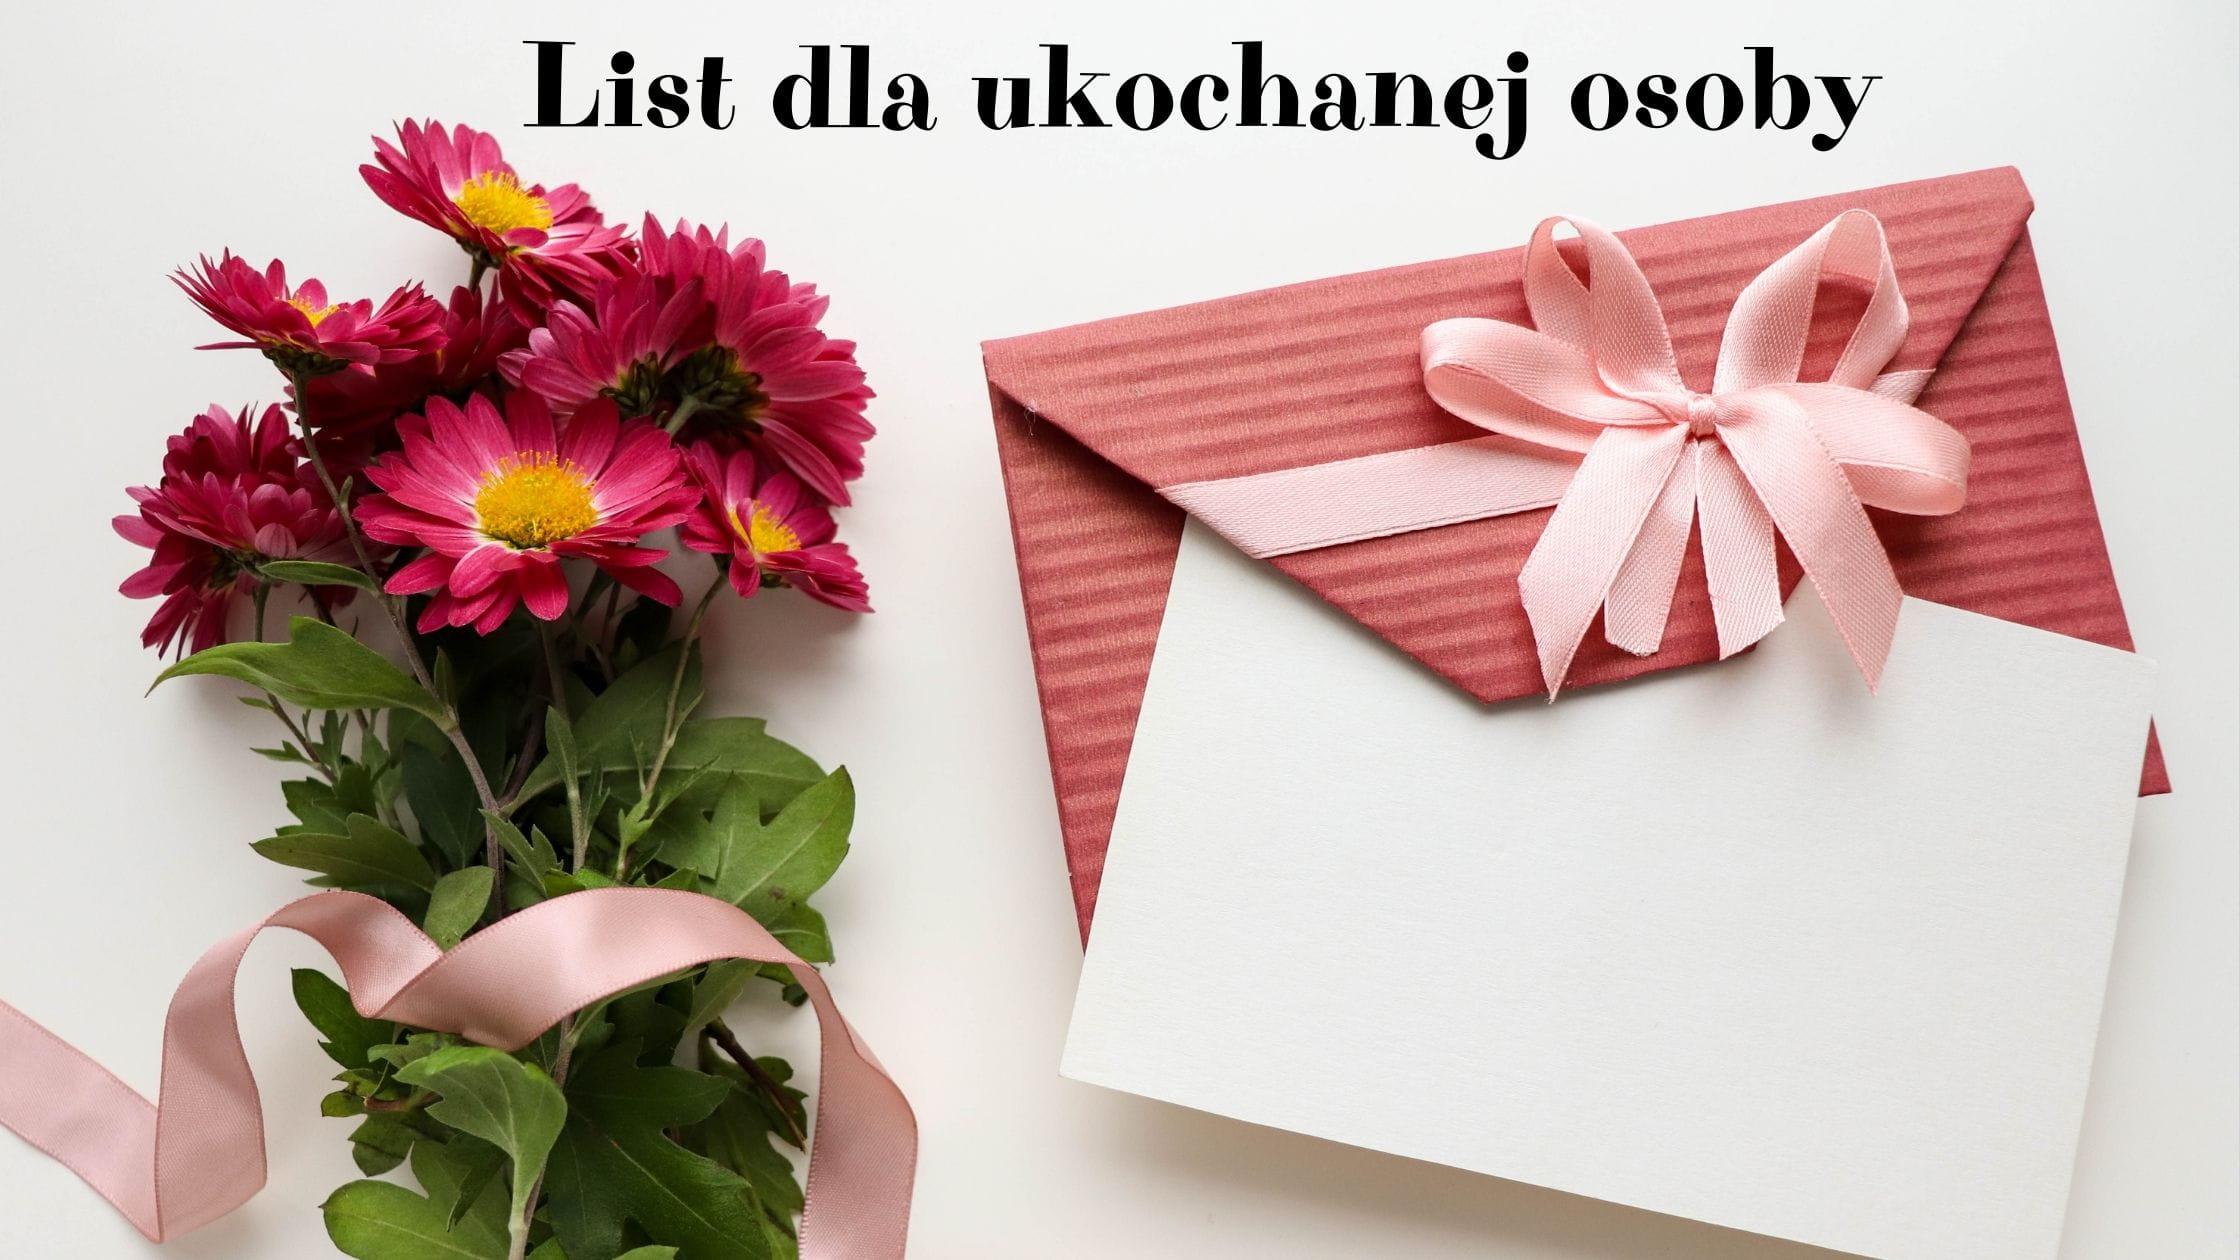 List dla ukochanej osoby